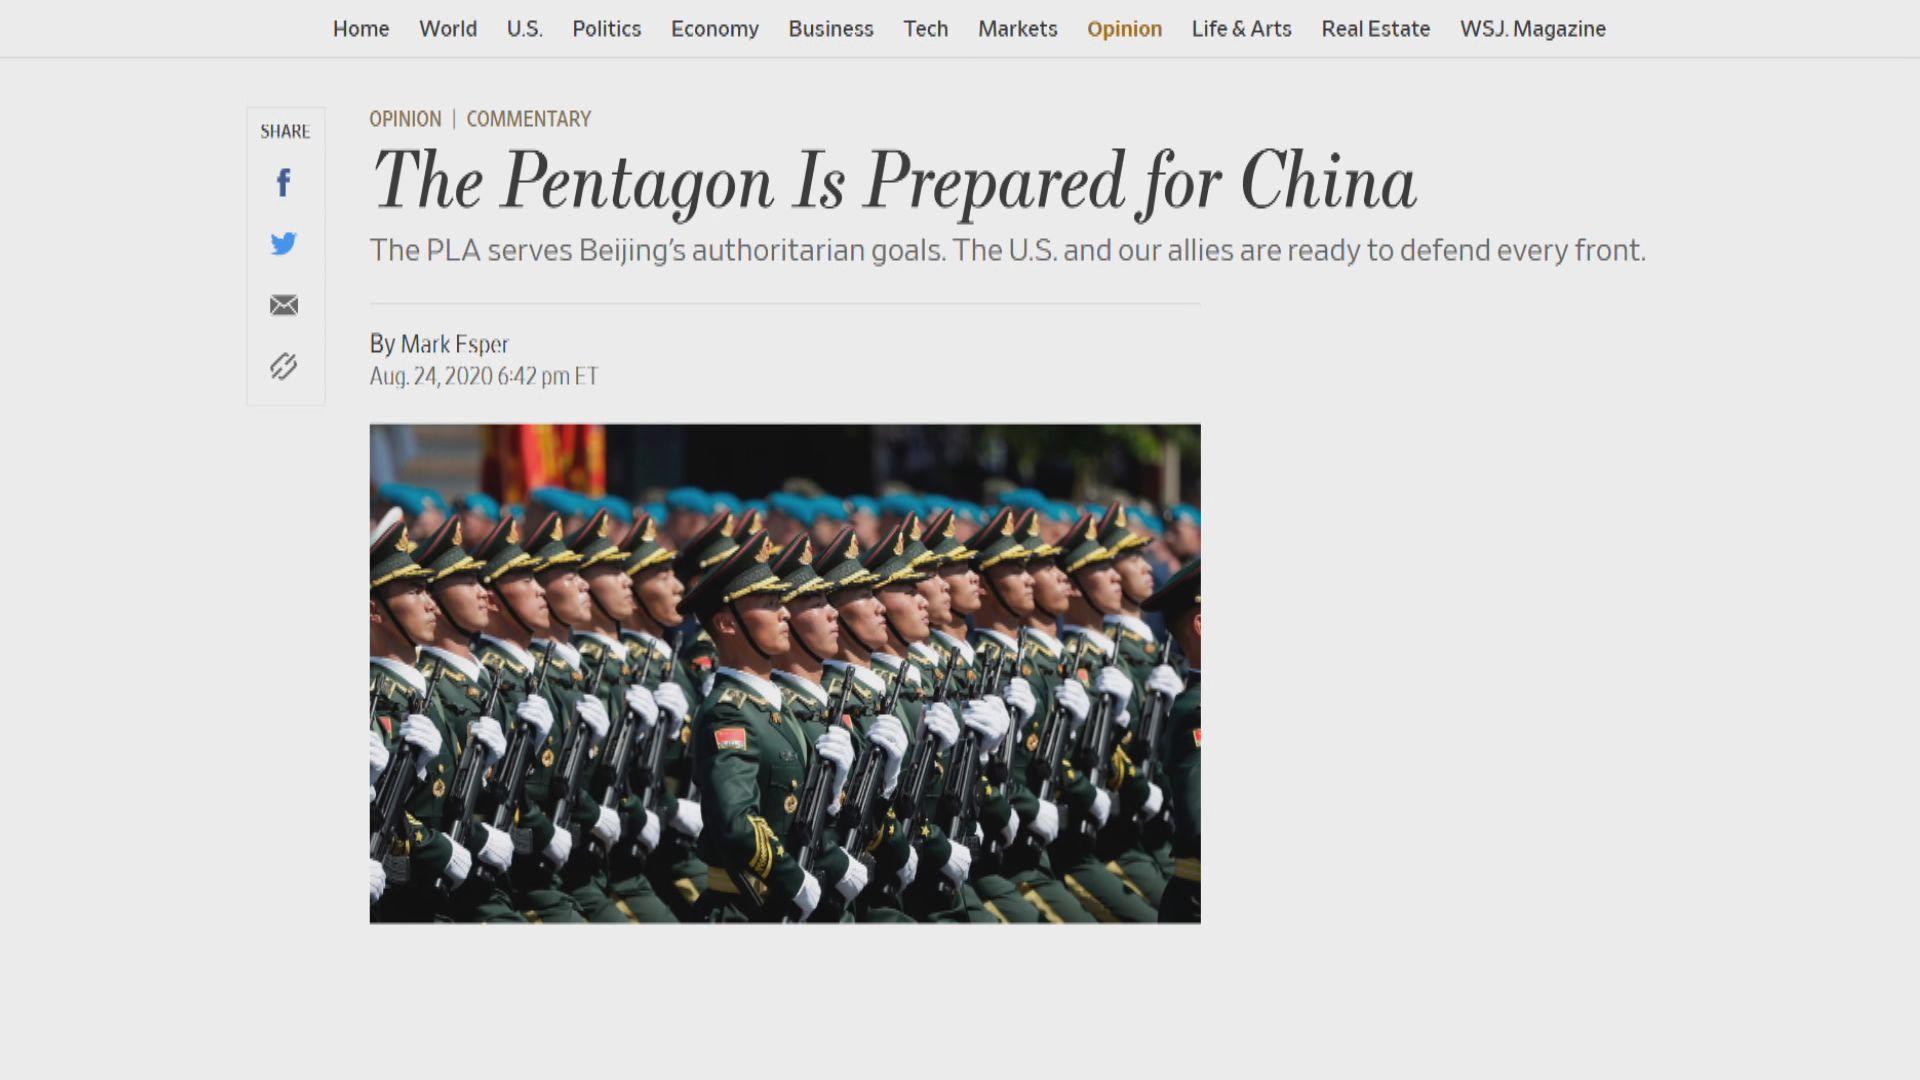 美防長撰文討論中國軍事威脅 內地學者批文章非常惡毒